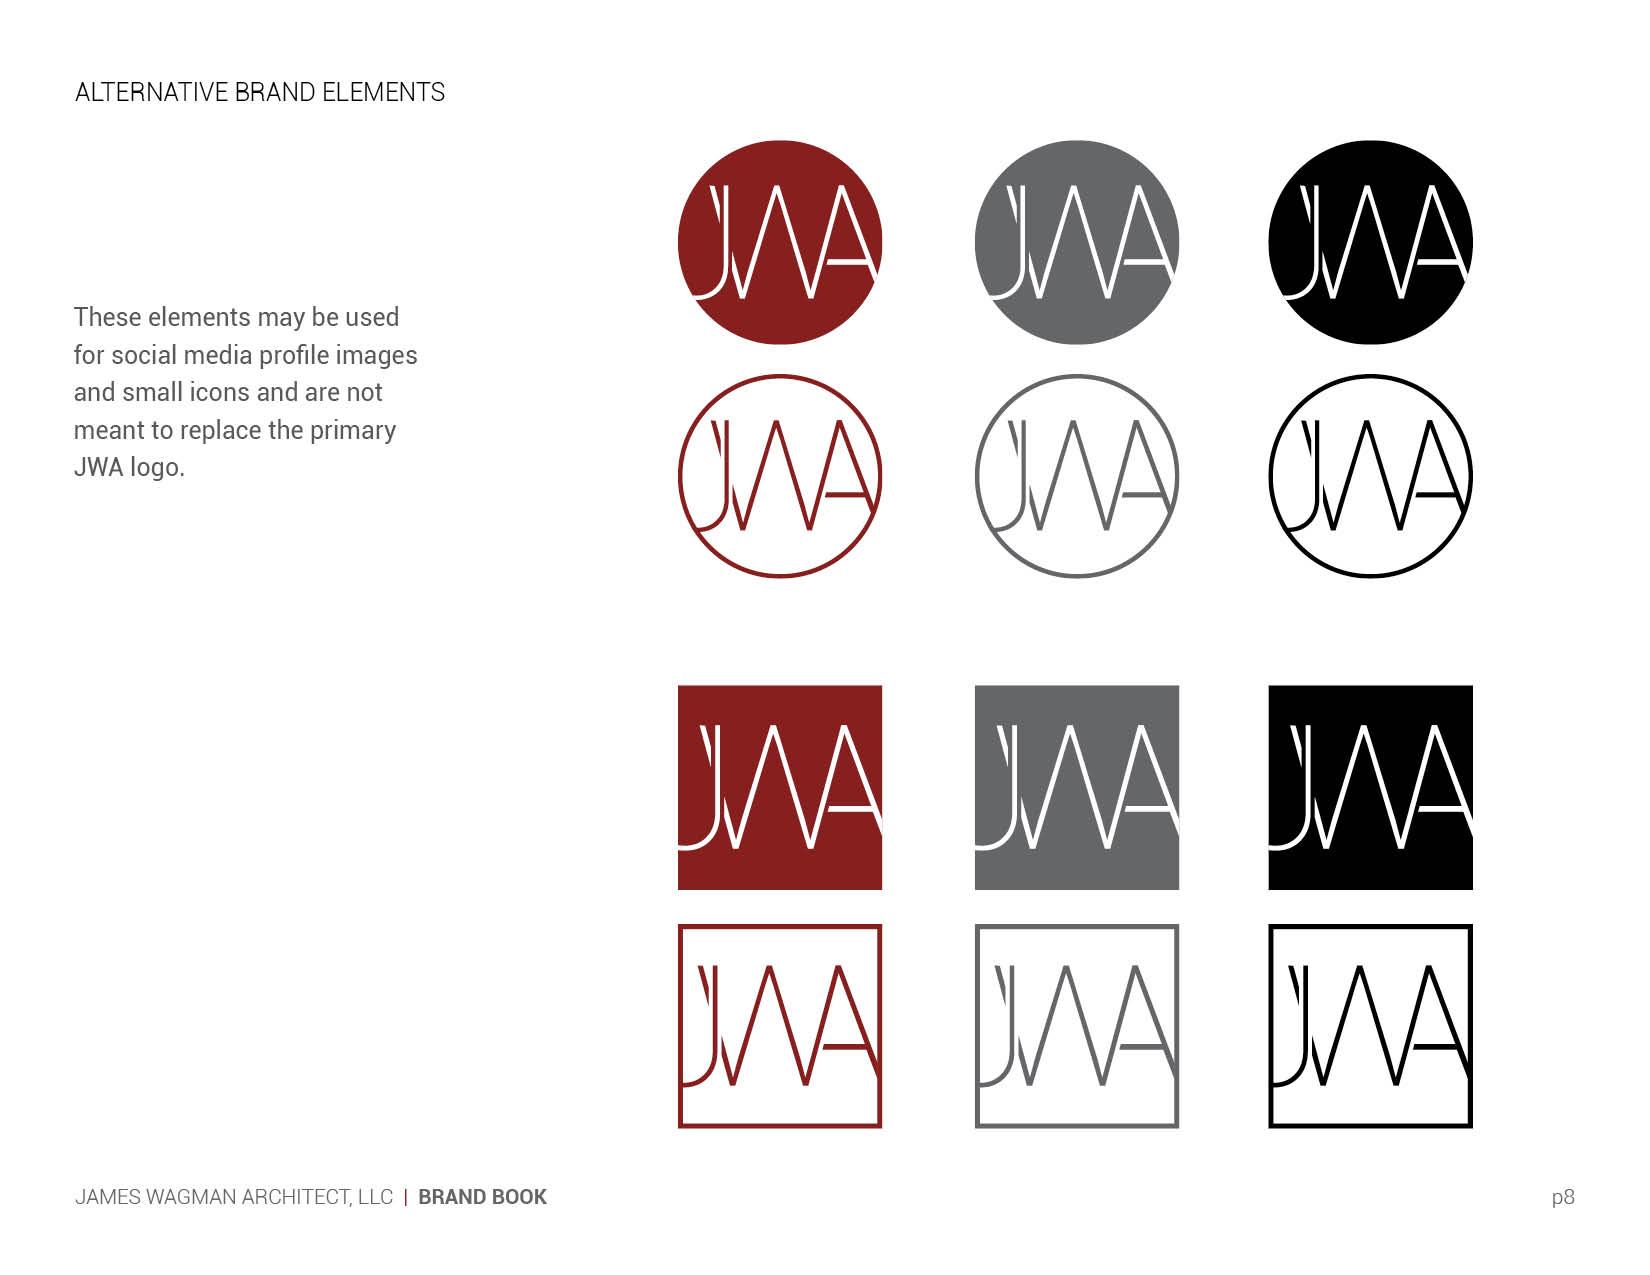 JWA_Brand Guidelines_p8.jpg